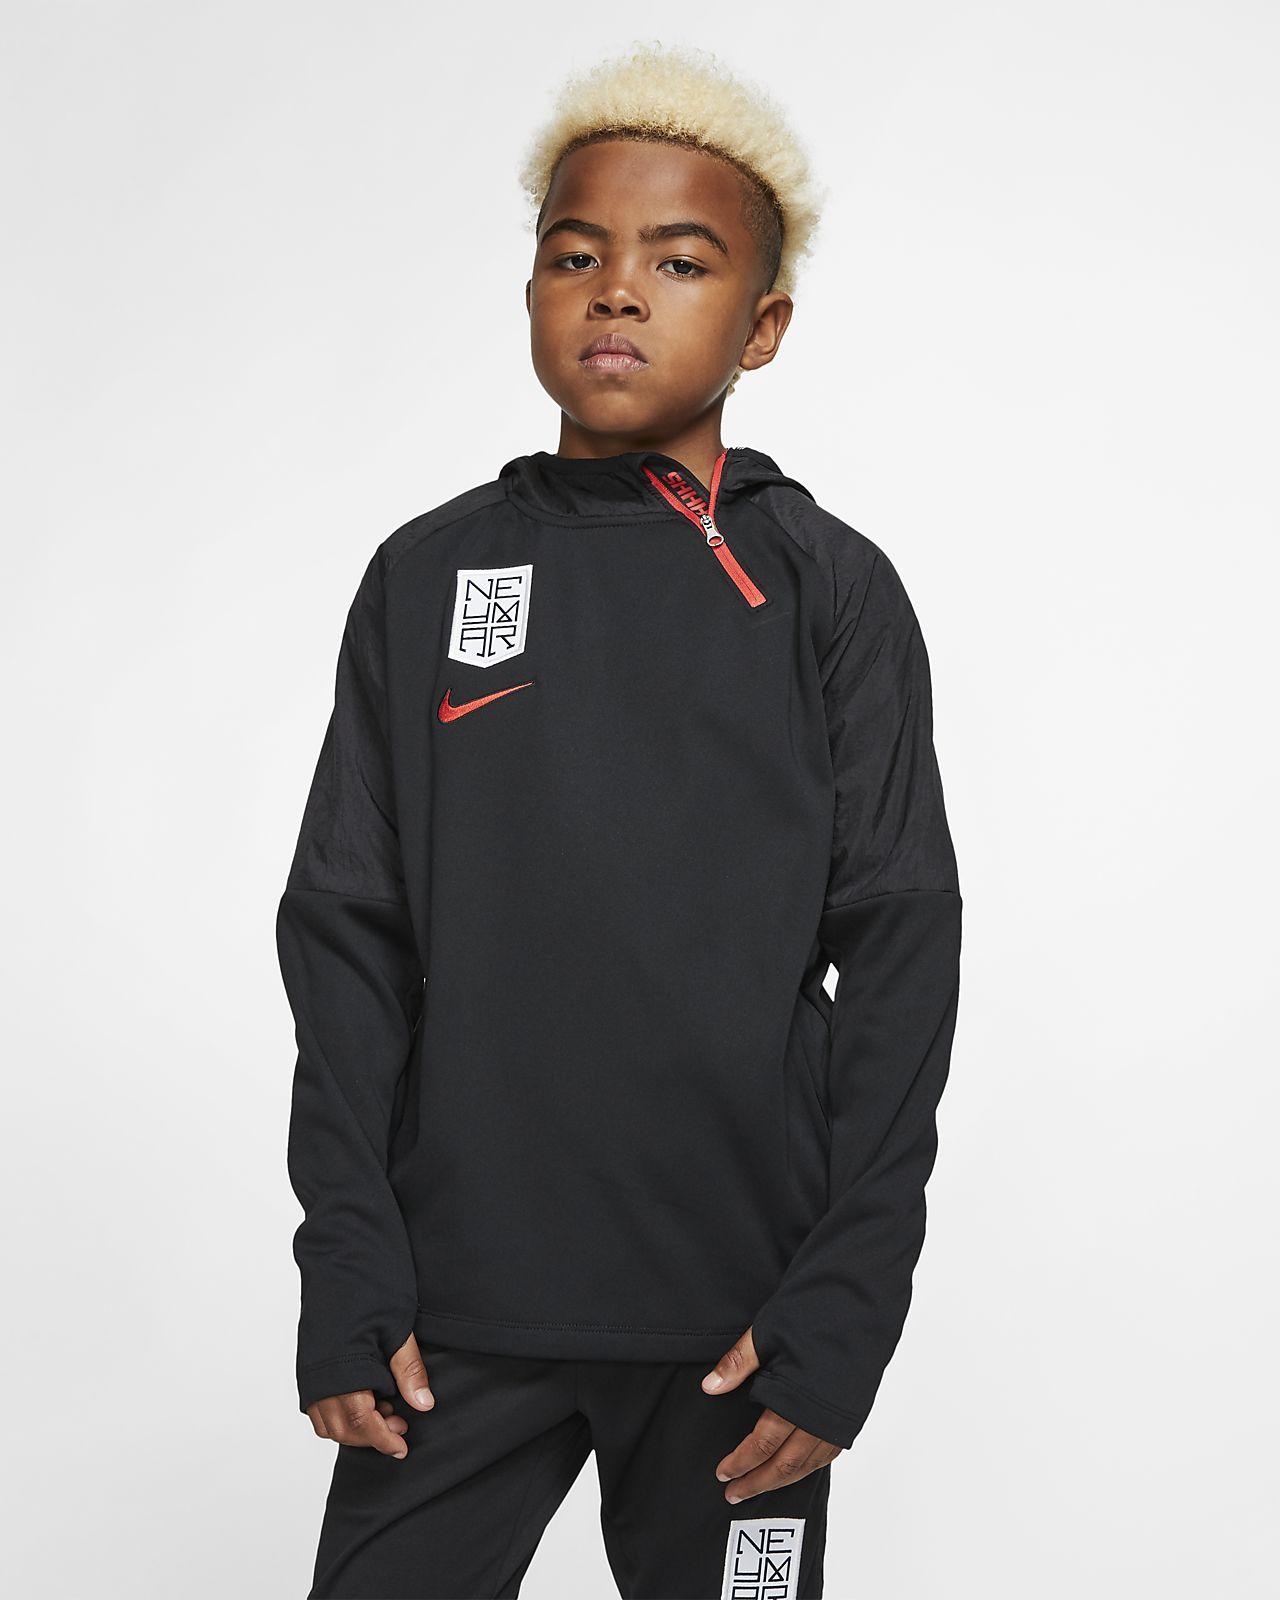 Sudadera con capucha de fútbol para niño talla grande Nike Dri-FIT Neymar Jr.